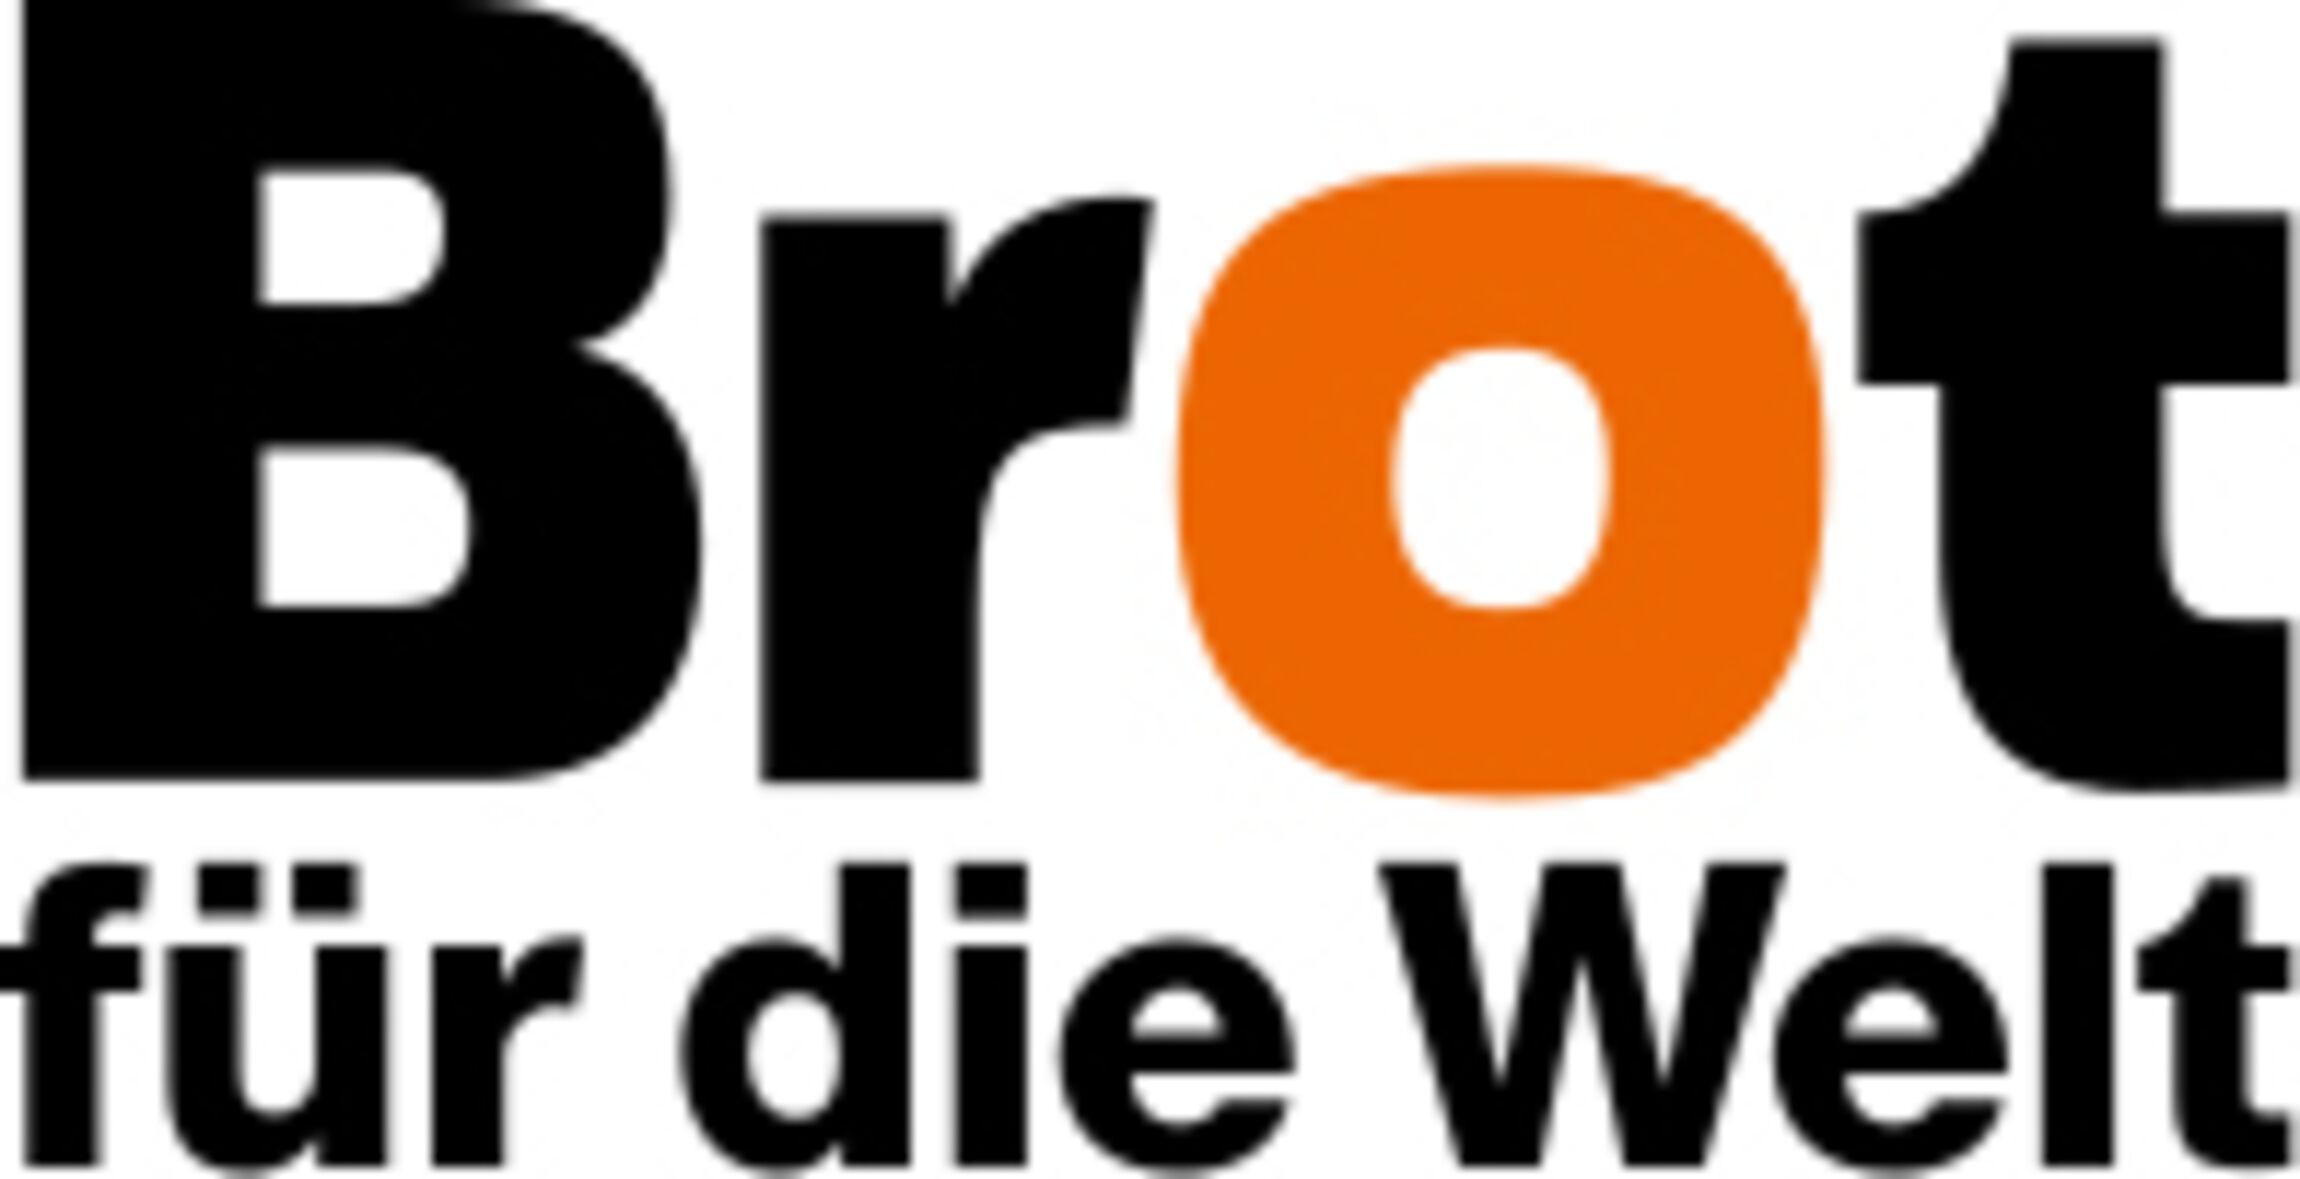 Brot für die Welt - Logo mit weißem Hintergrund